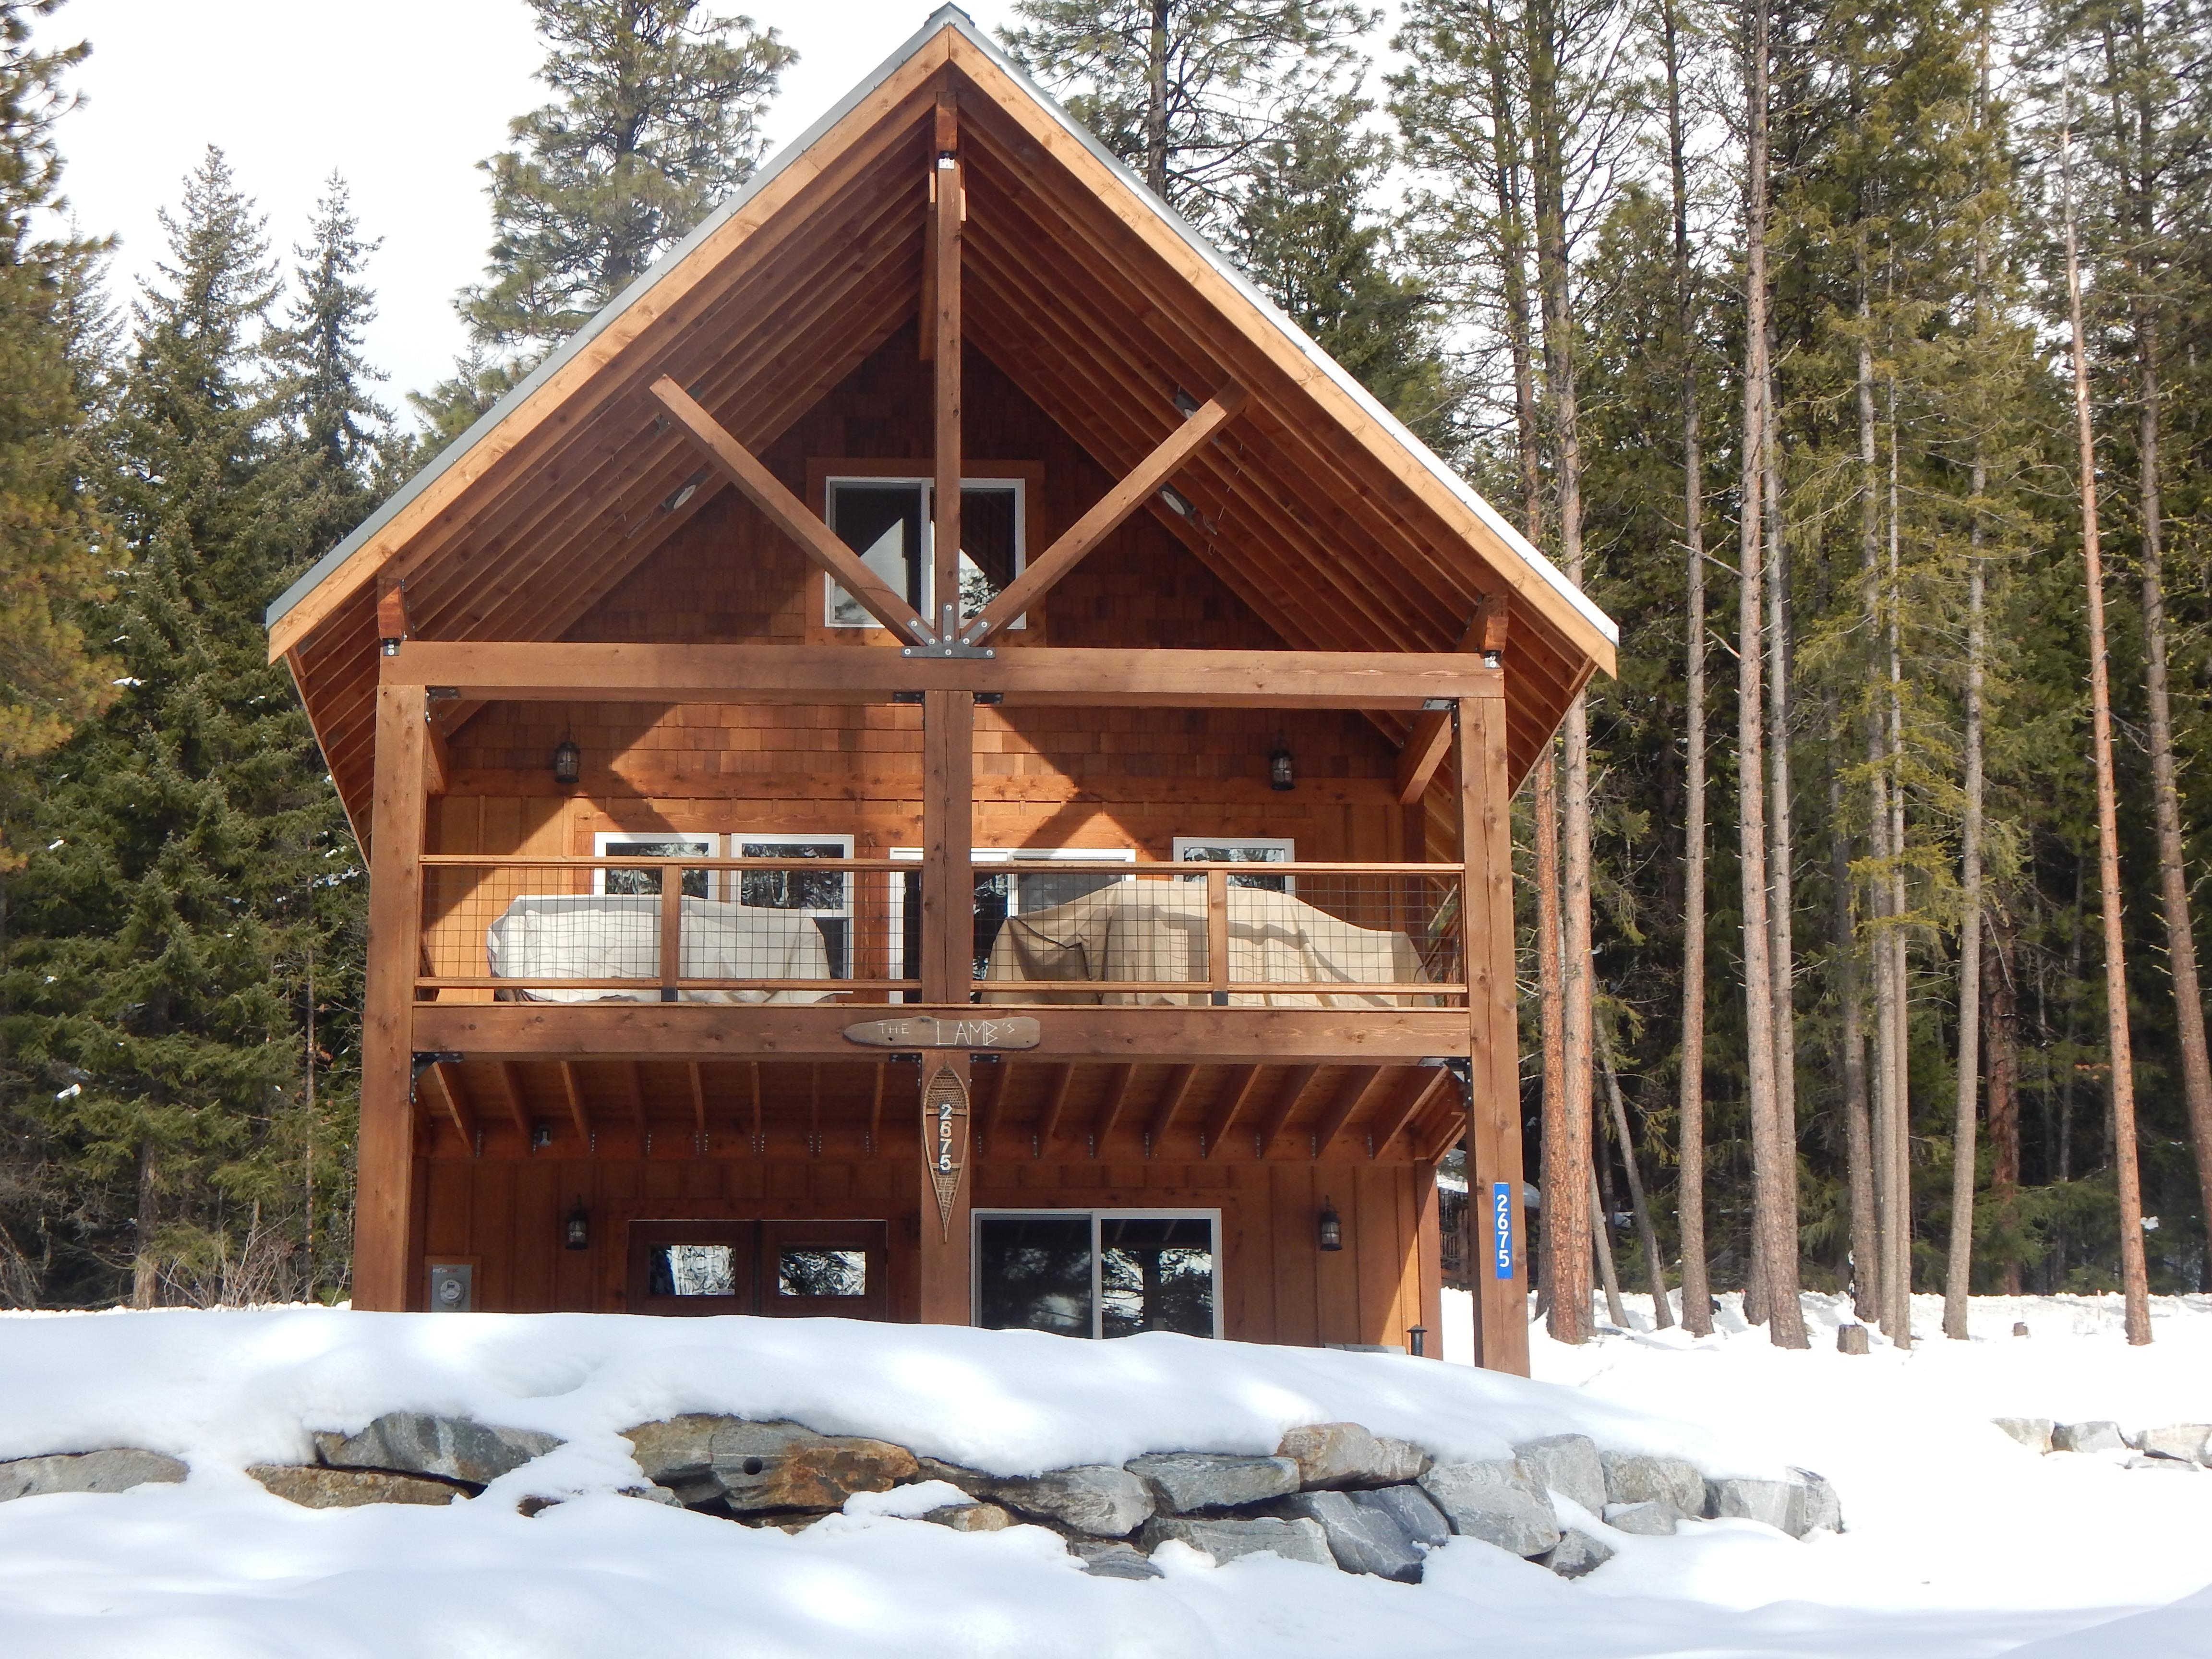 Winter at Lamb's Lodge